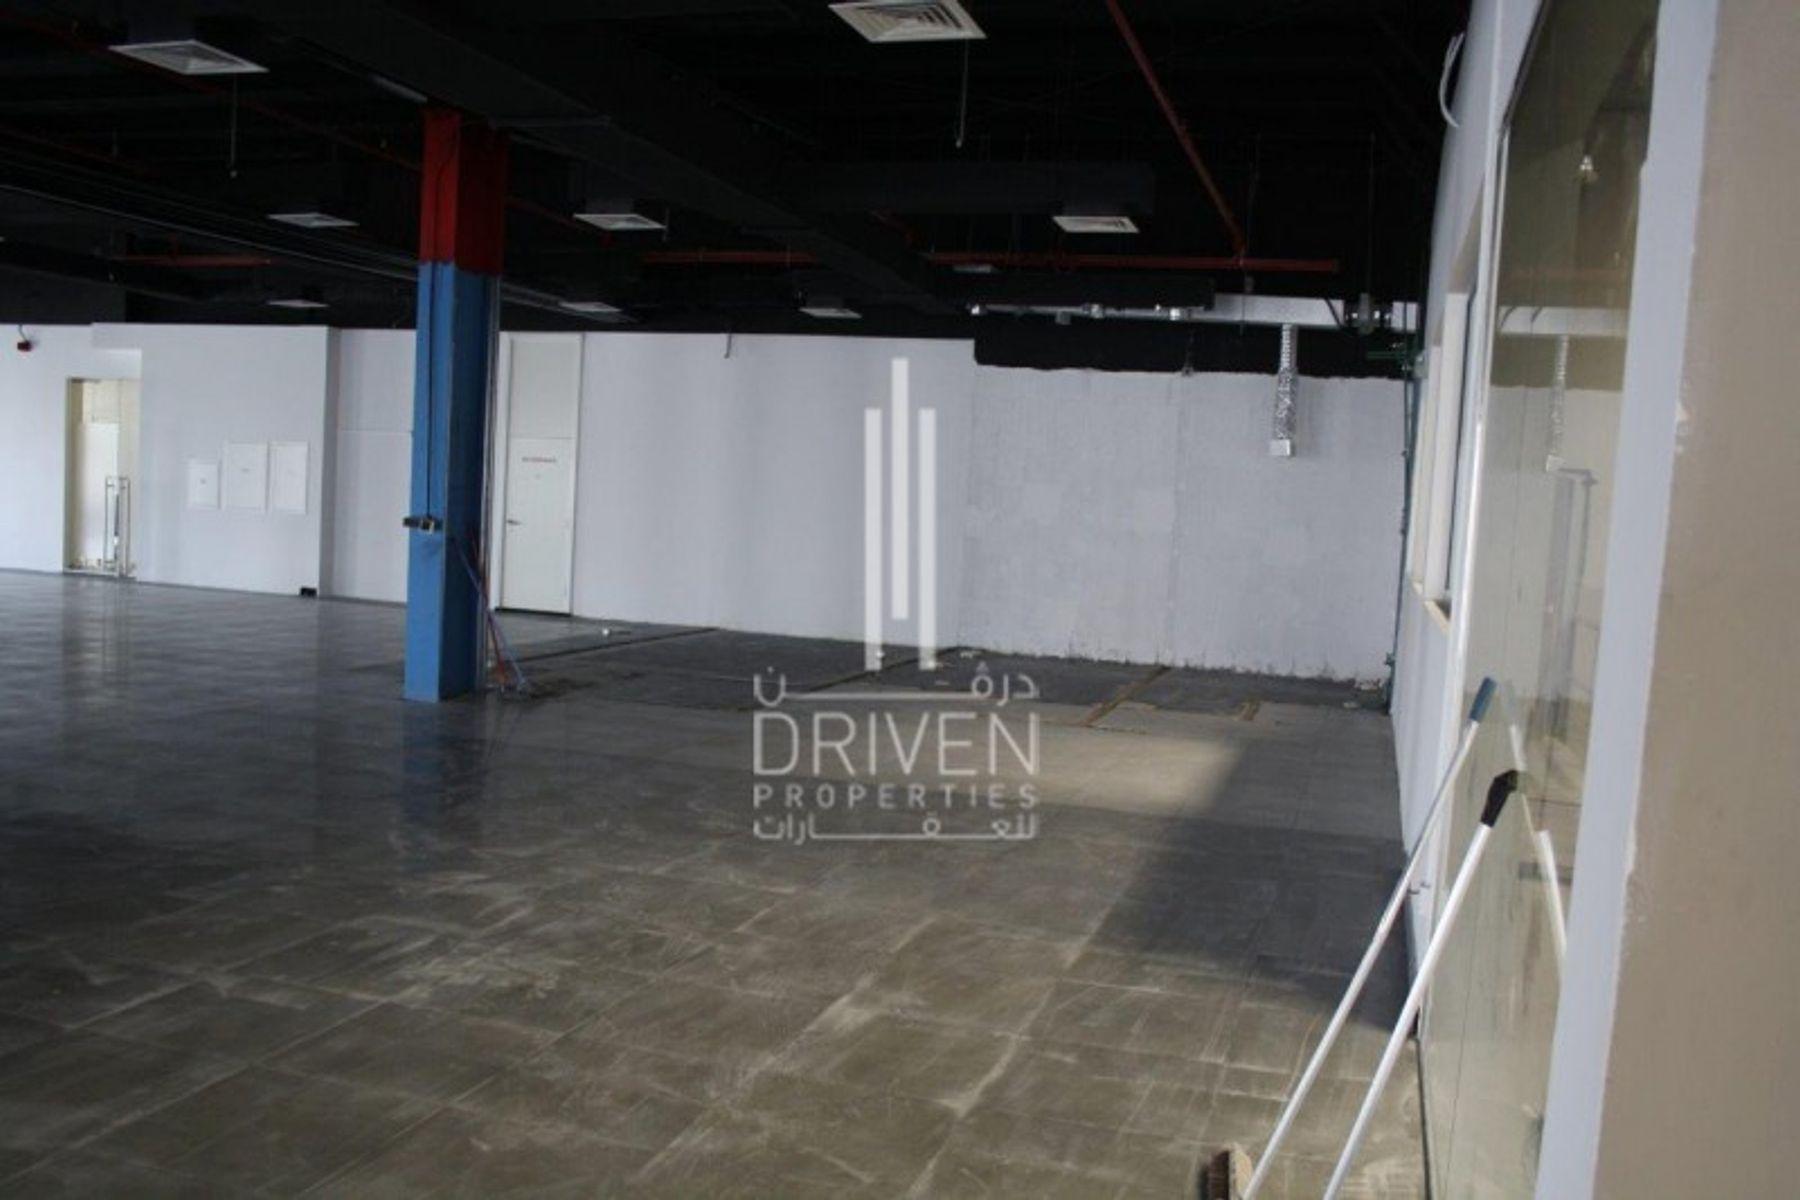 للايجار - مكتب - المرحلة 1 - مجمع دبي للإستثمار